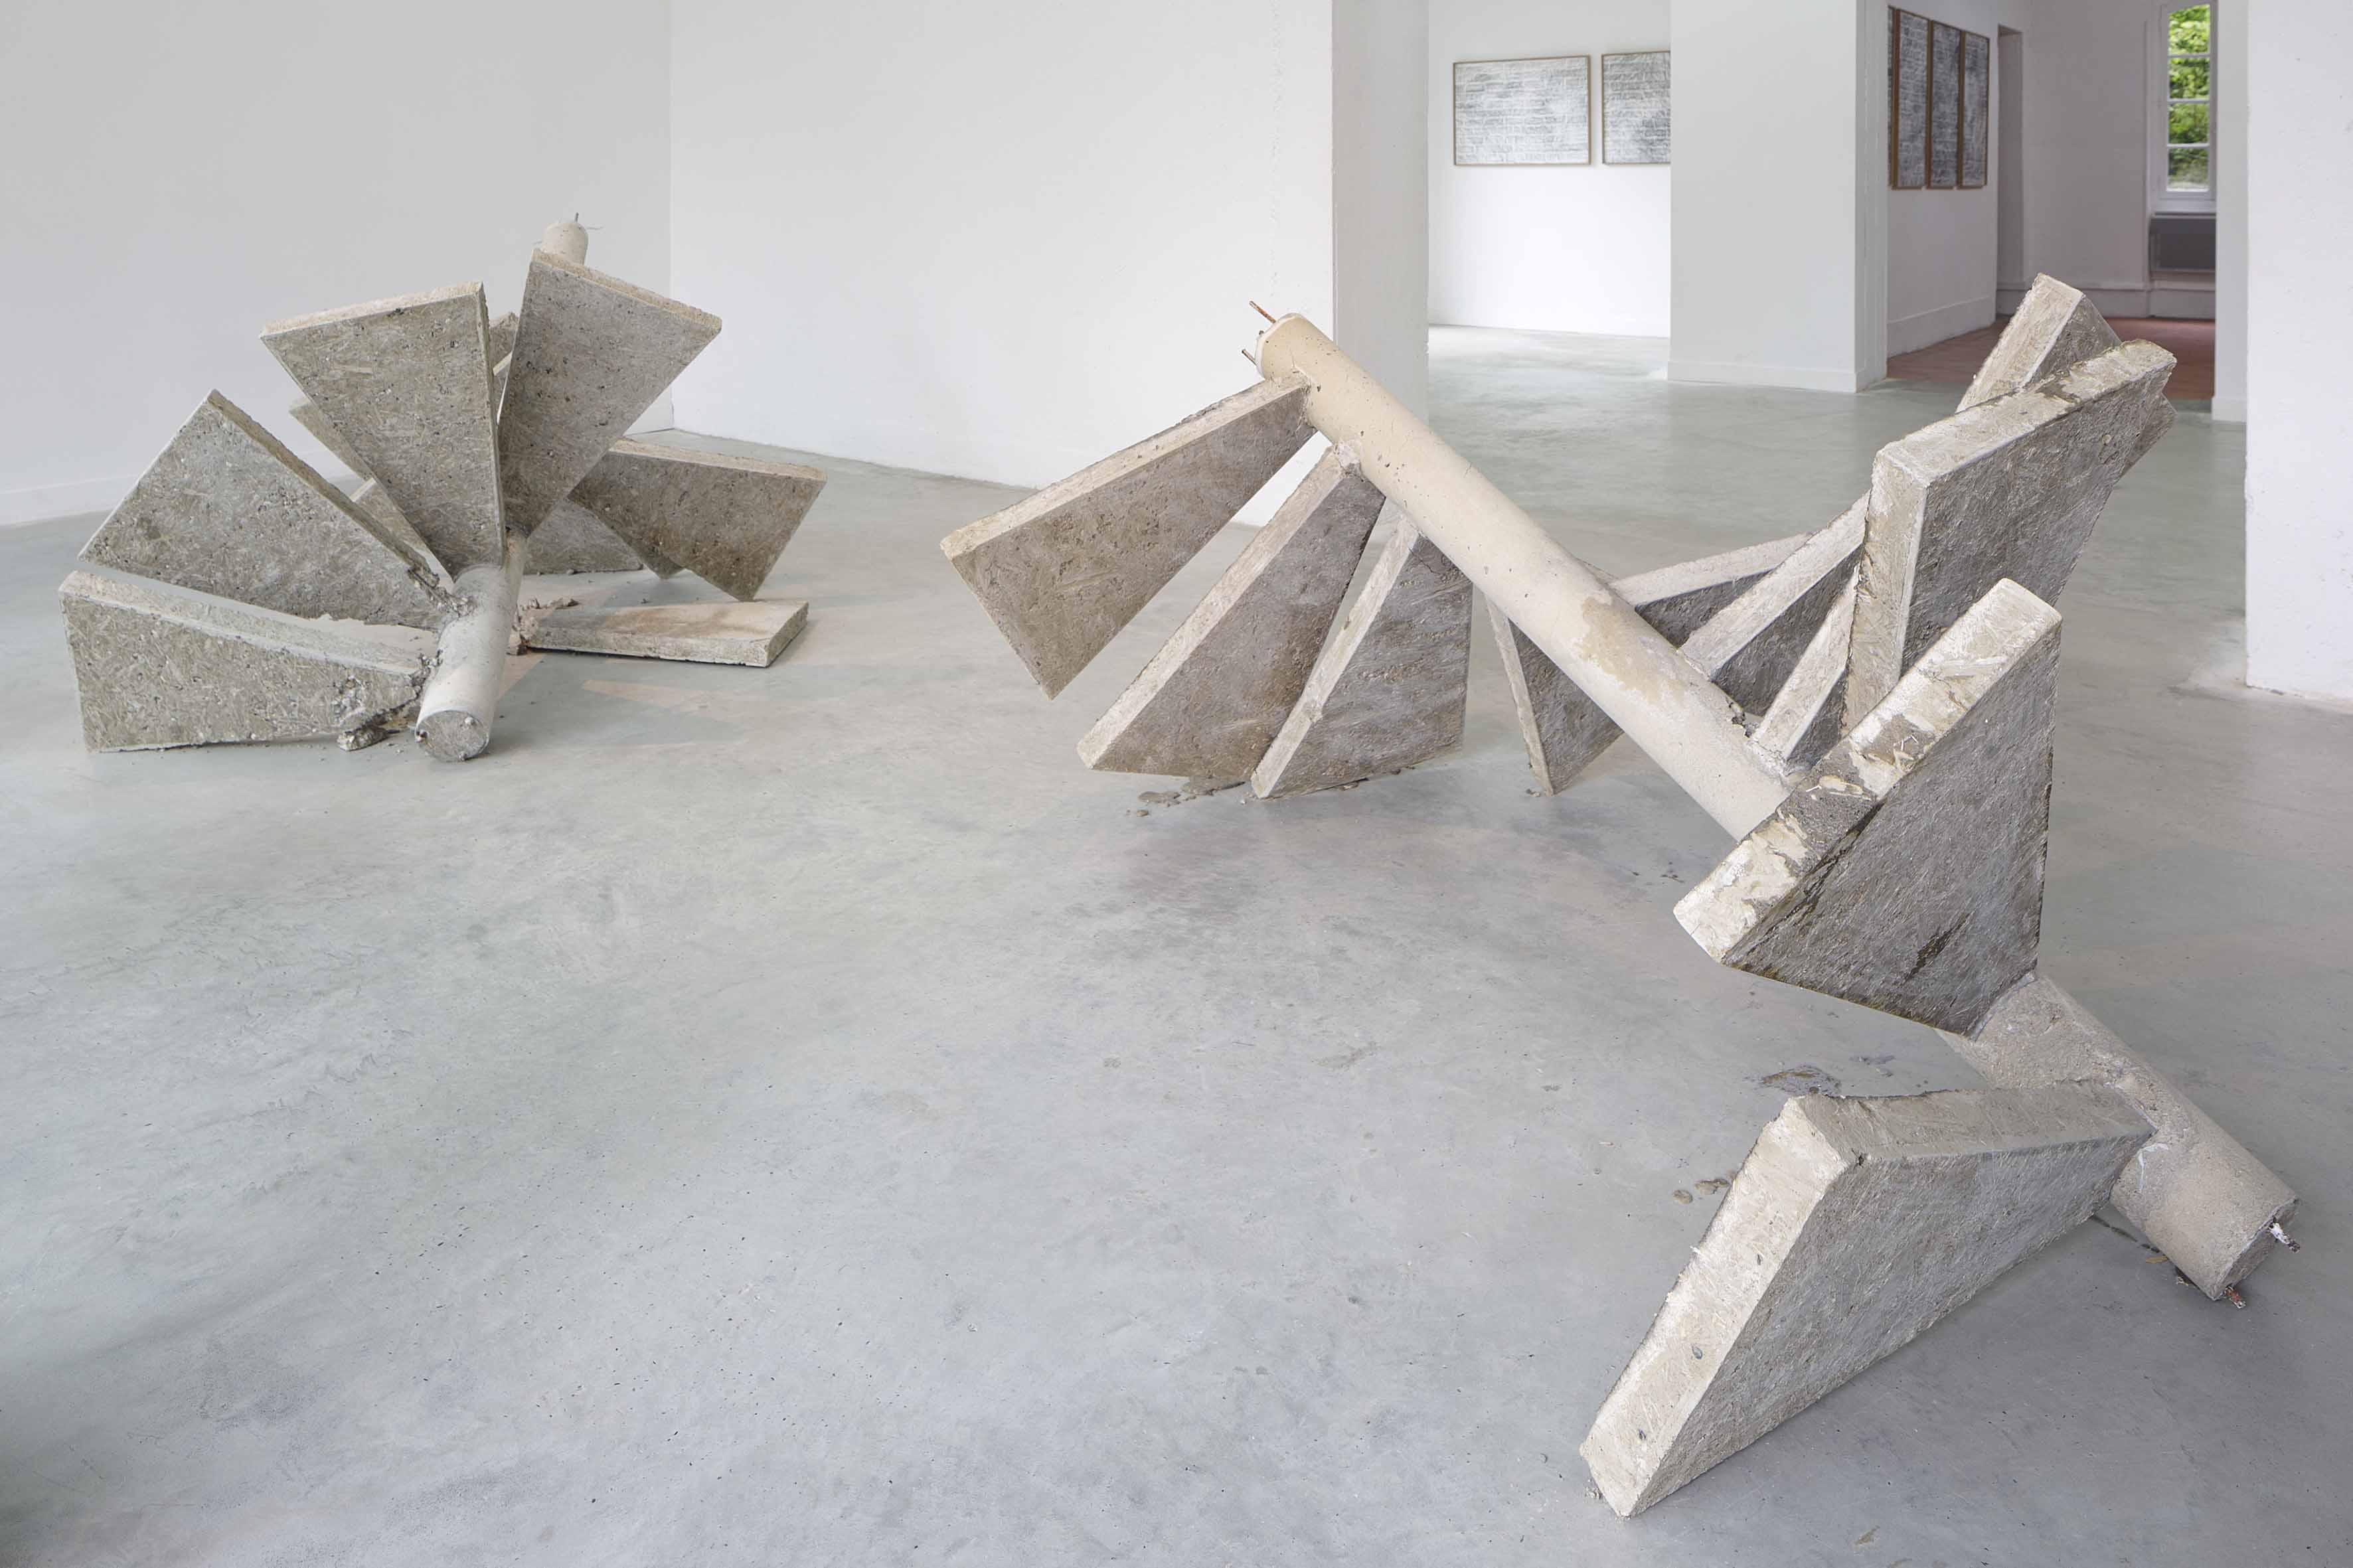 LE JOUR APRÈS LE LENDEMAIN, une exposition d'art contemporain de NICOLAS DAUBANES présentée à la Maison Salvan, Labège, du 31 mai au 6 juillet 2013